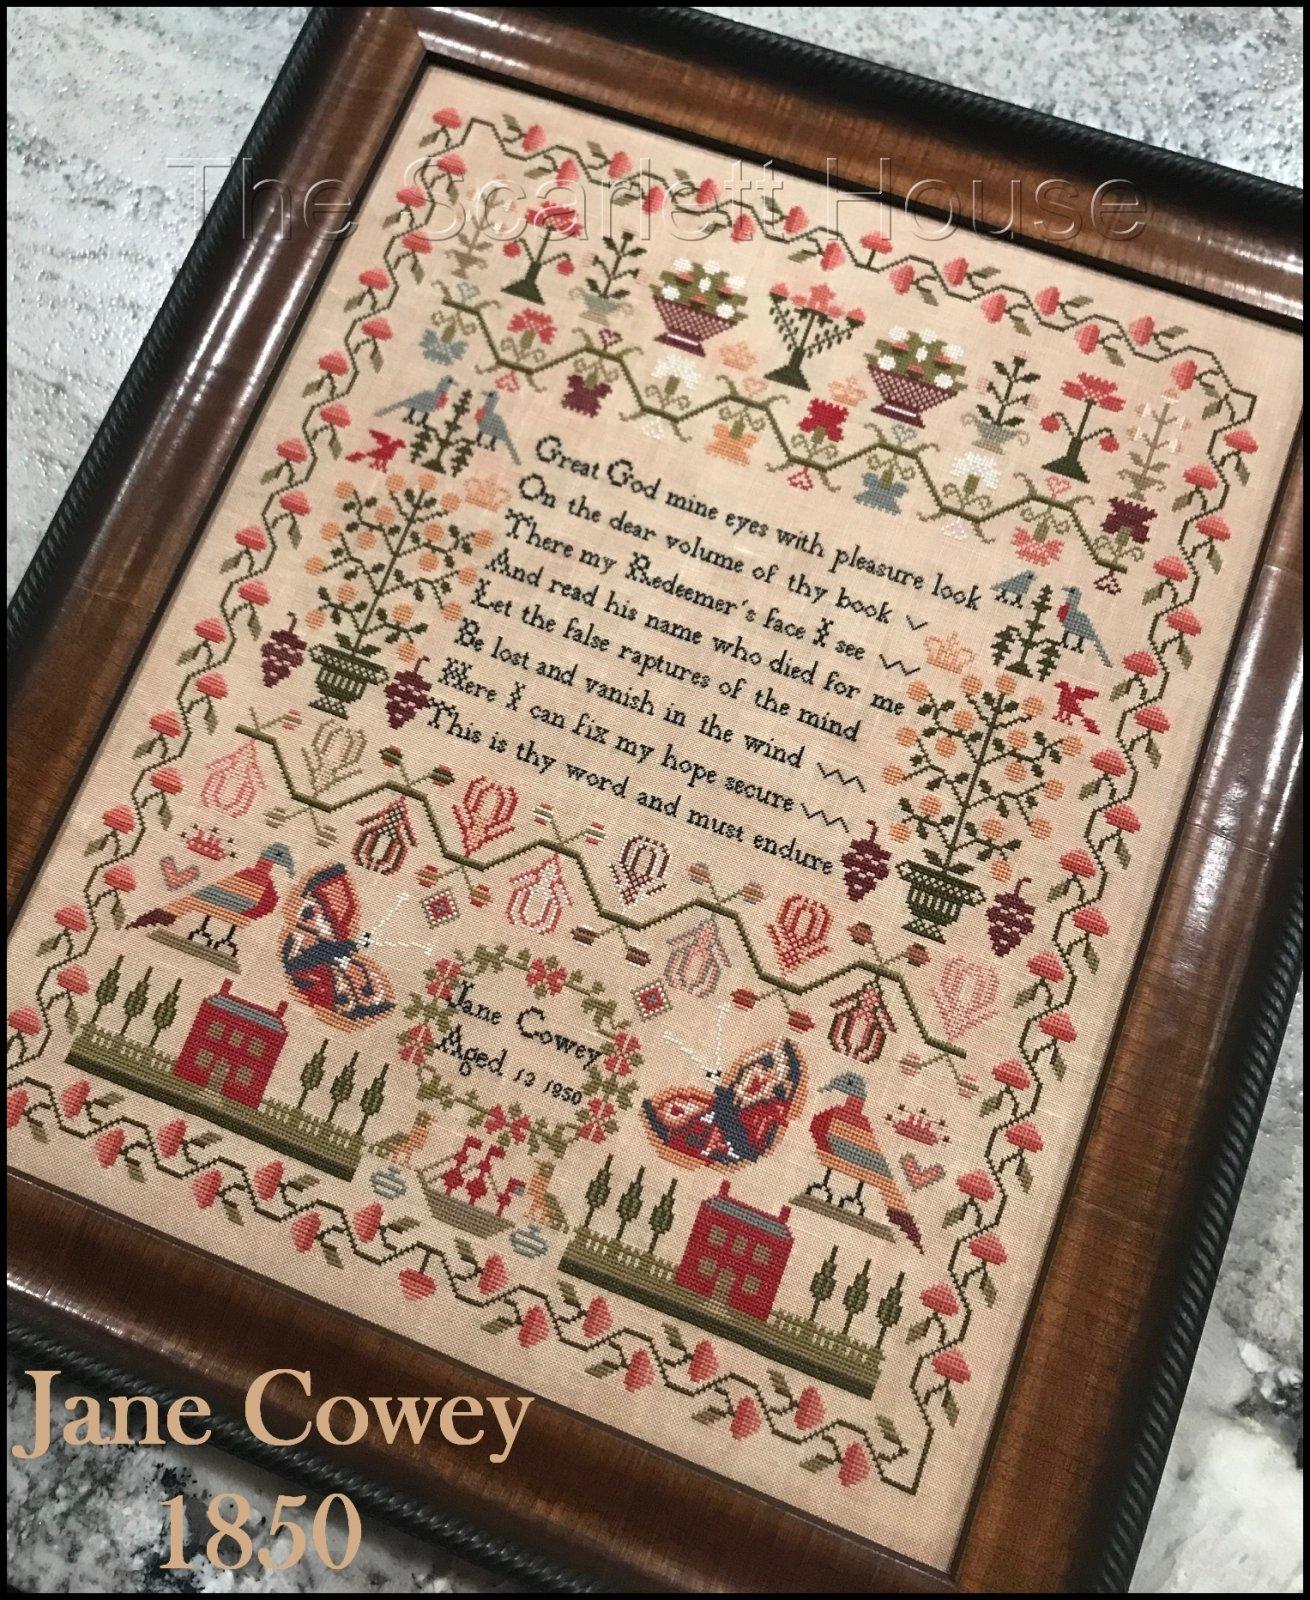 Scarlett House - Jane Cowey 1850